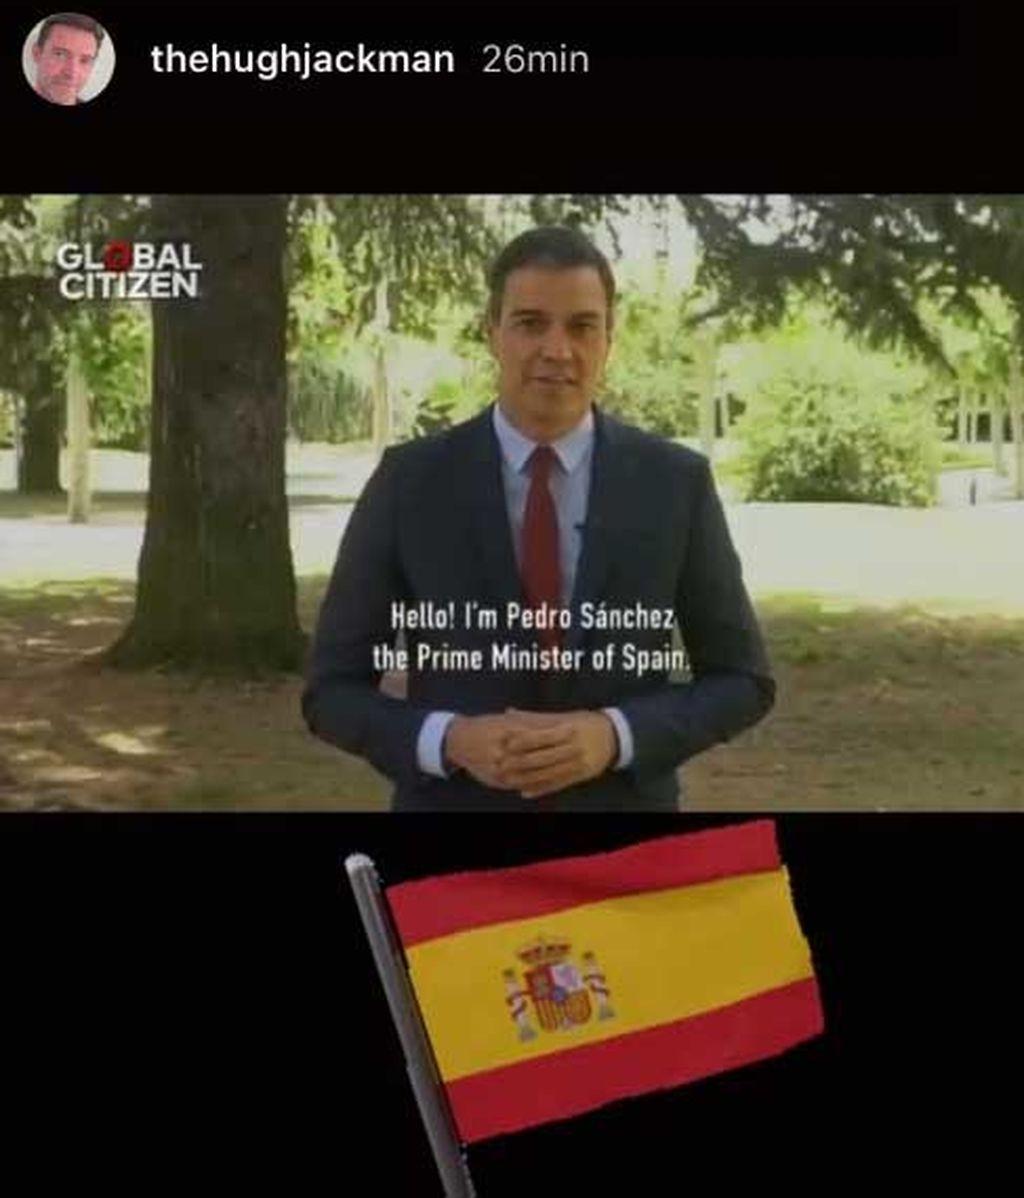 Story de Hugh Jackman con un vídeo de Pedro Sánchez